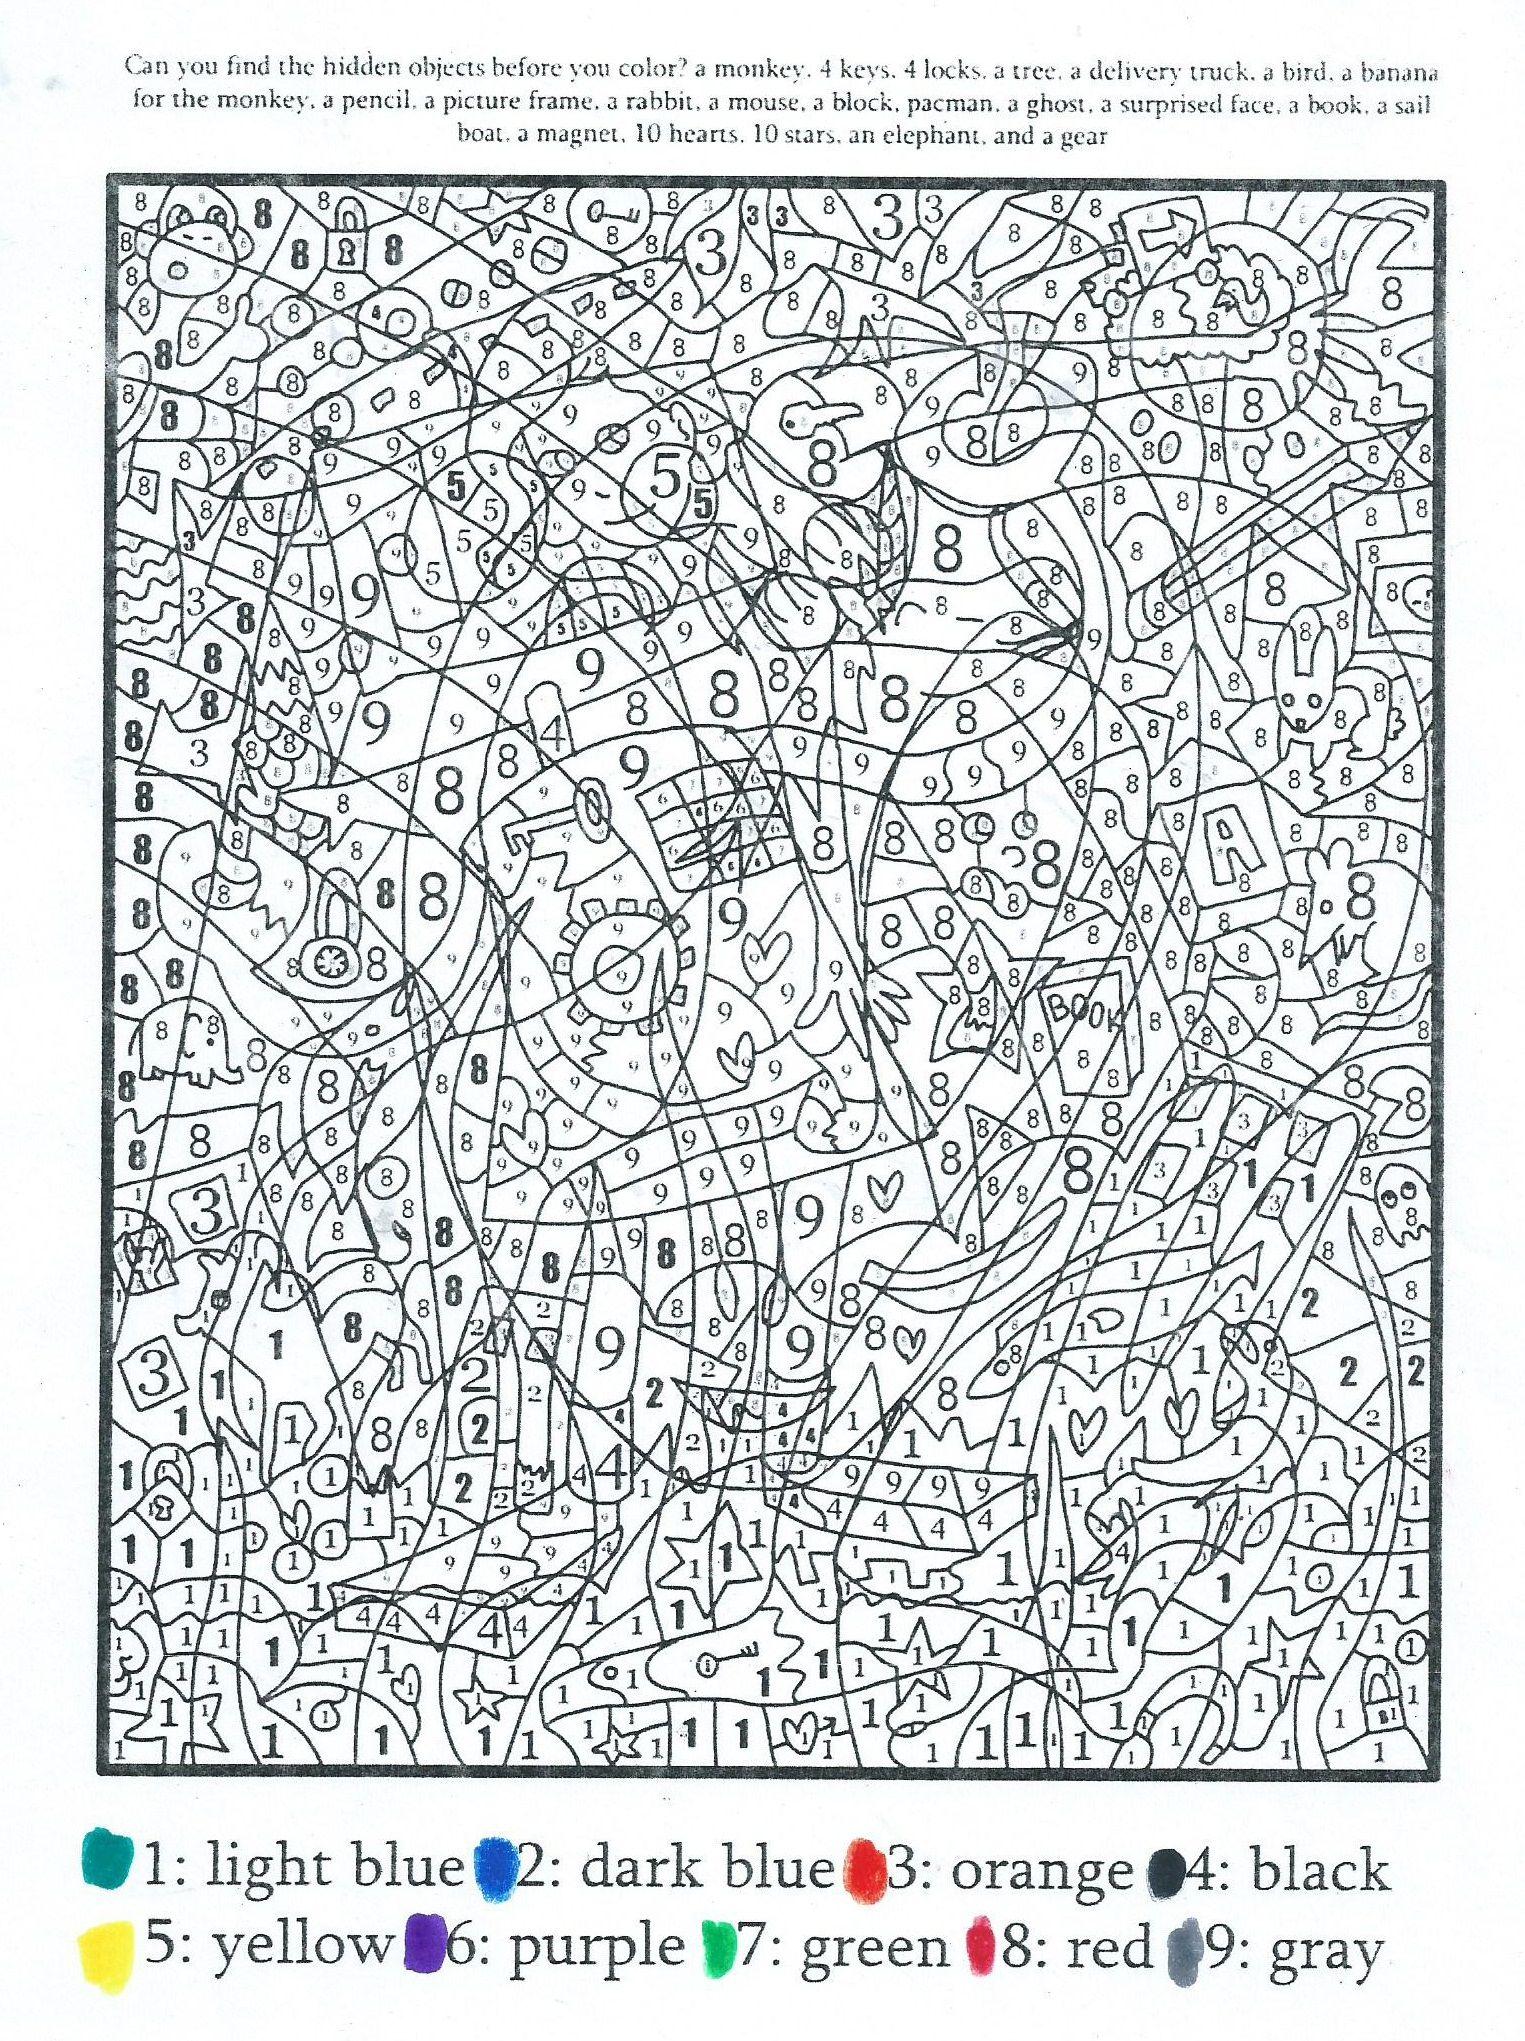 Épinglé par Auréo sur divers Pinterest Coloring pages Adult